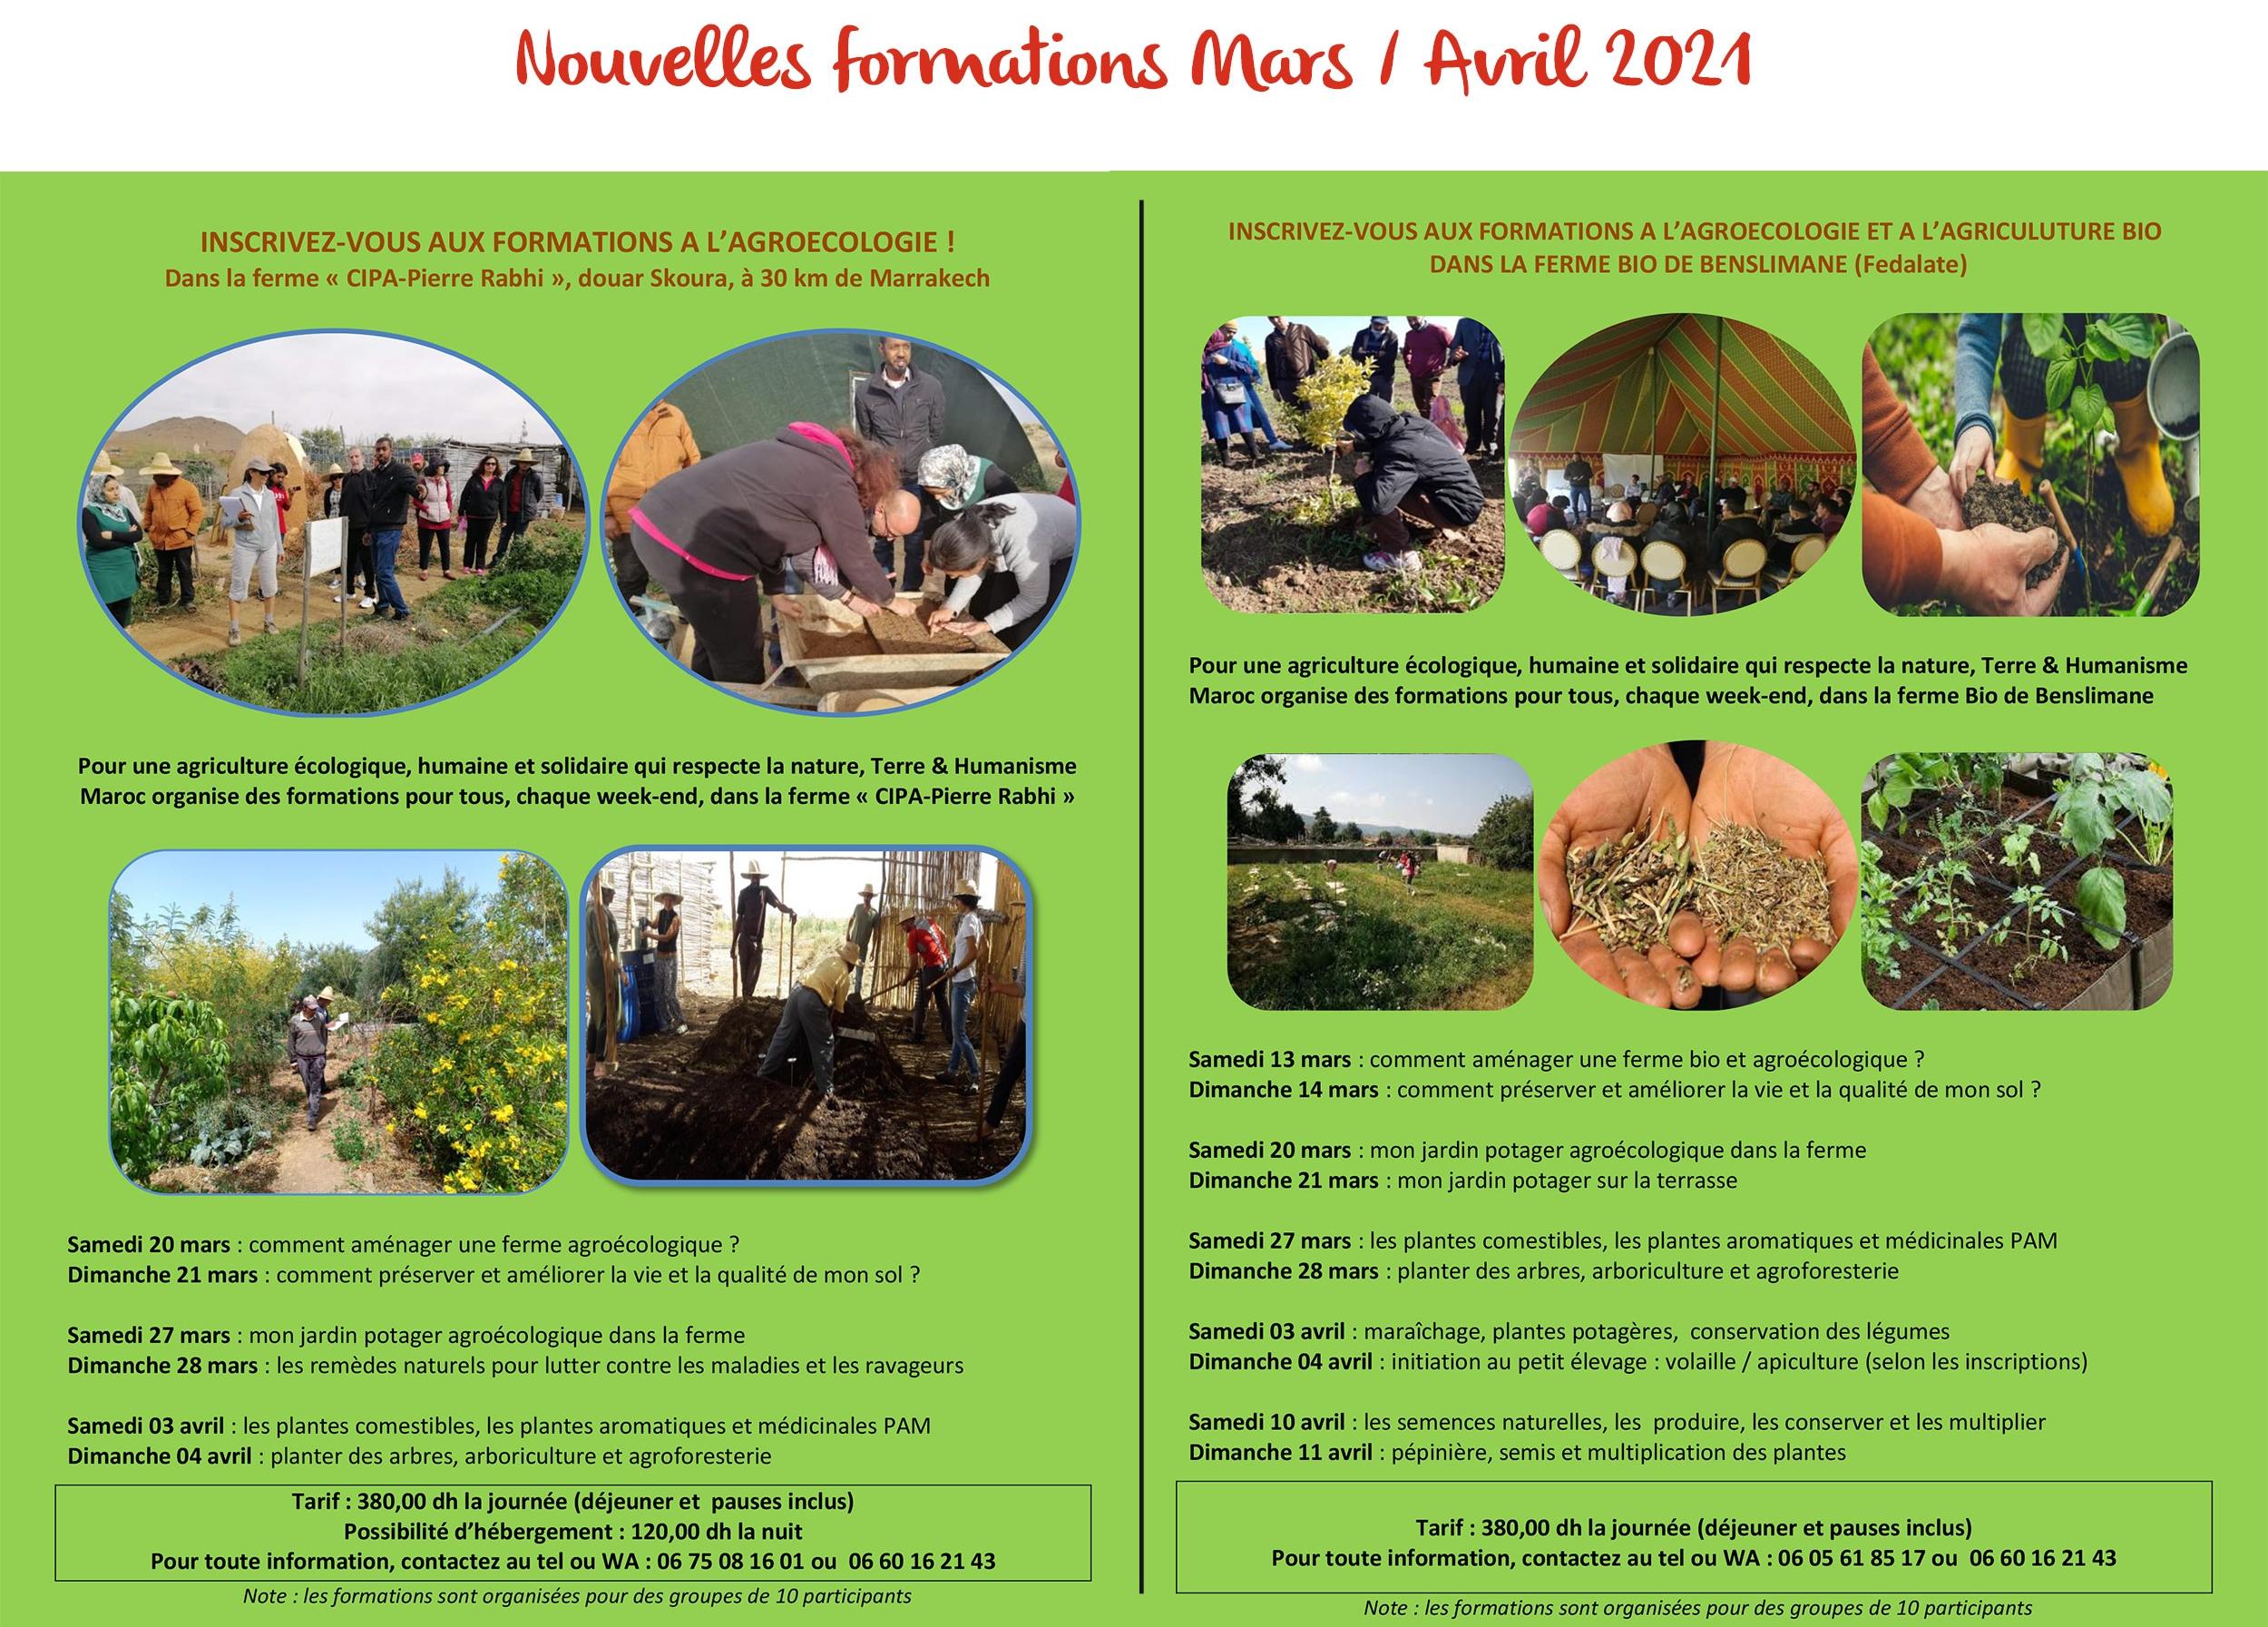 Calendrier de formation agroécologie Terre et humanisme maroc mars avril 2021 au Cipa-Pierre rabhi